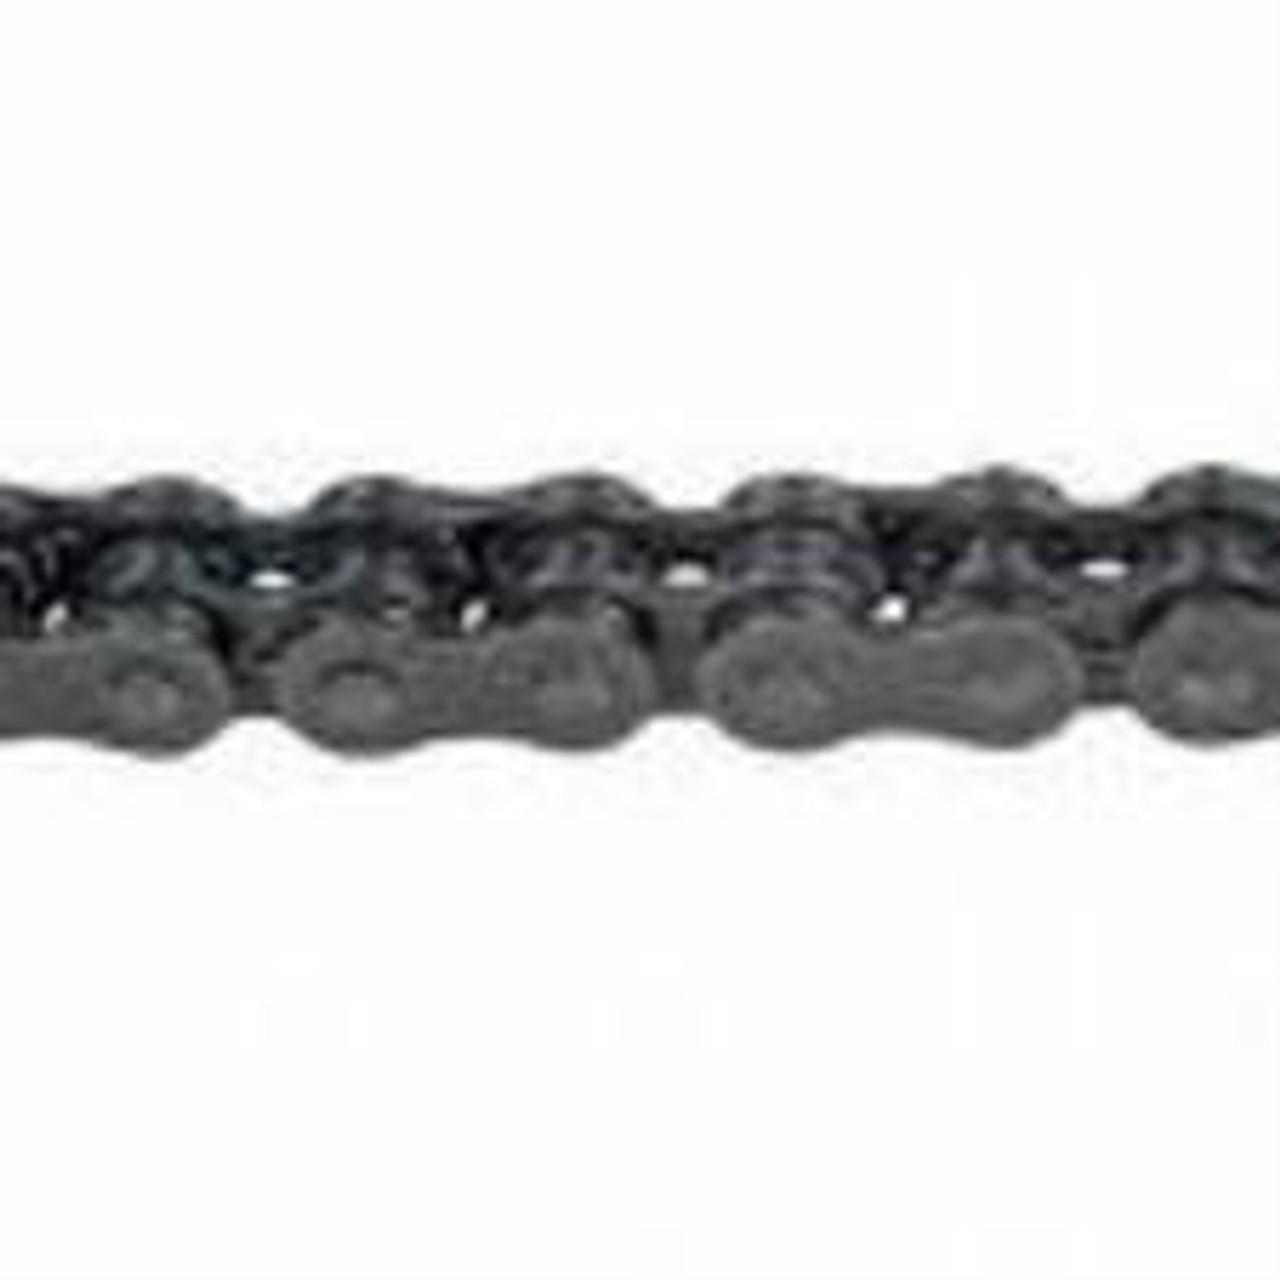 520 Chain - Heavy Duty - 120 Links